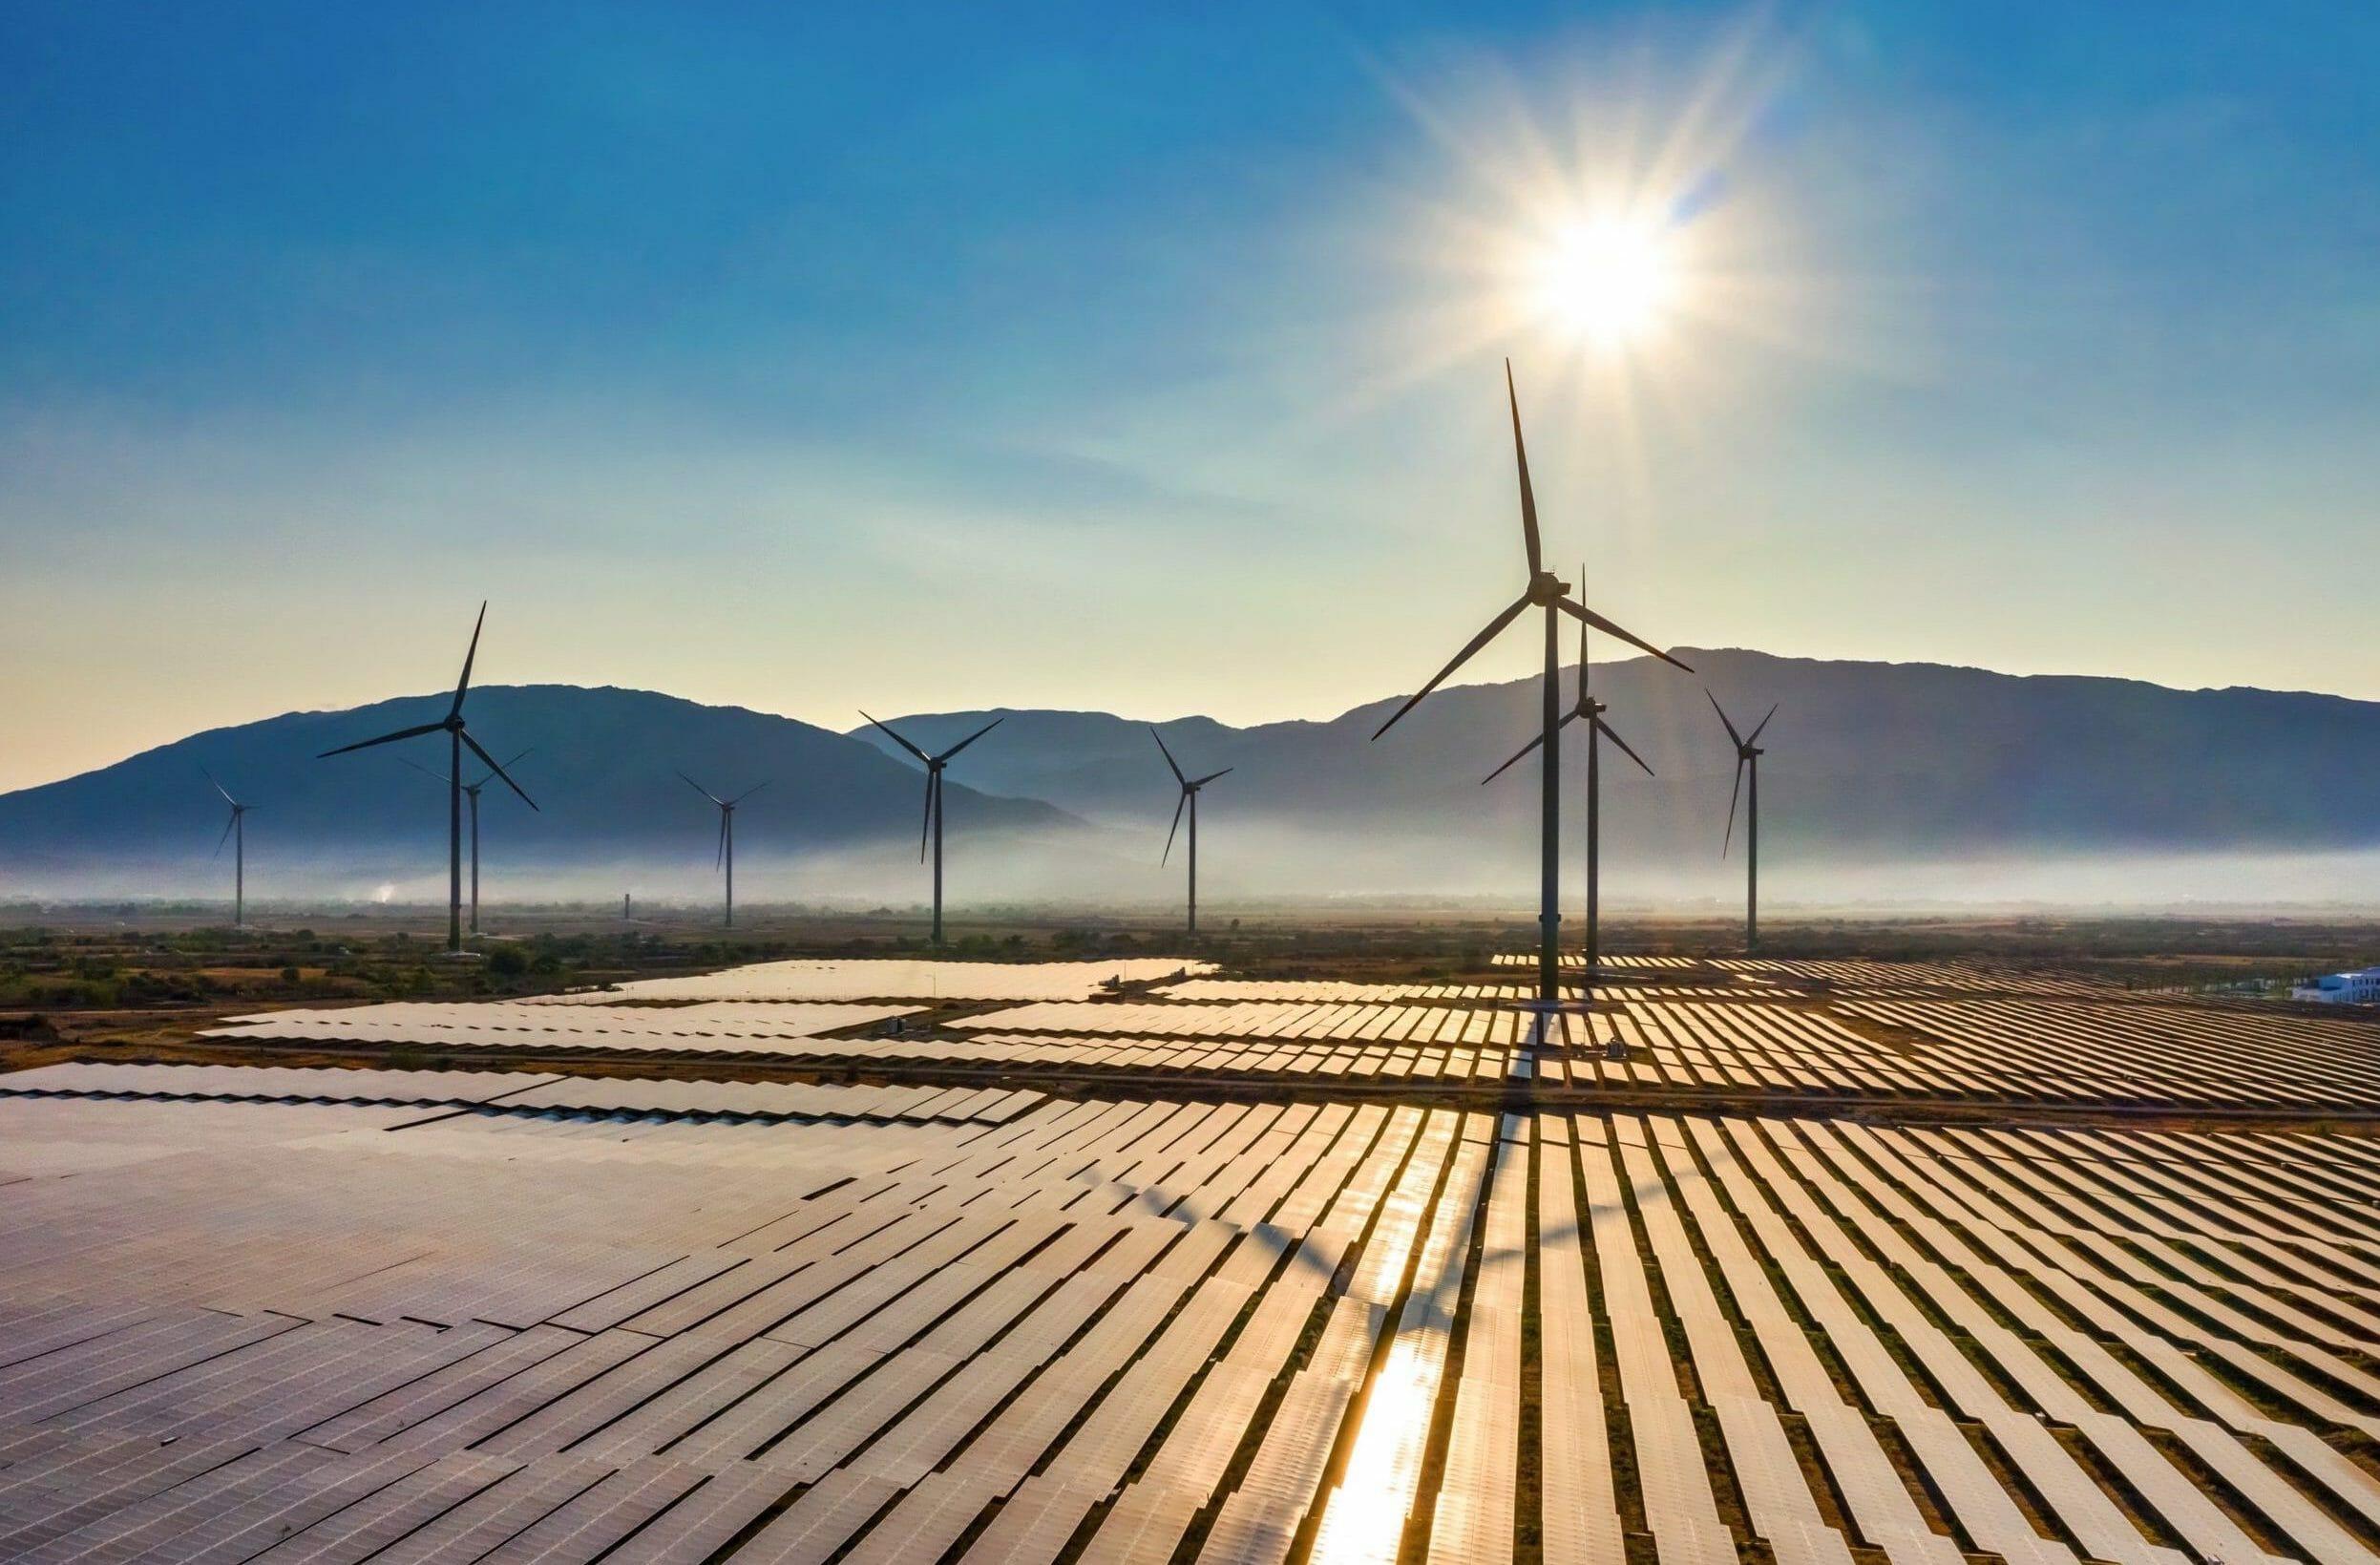 Danmark yder globalt en langt større klimaindsats end hjemme